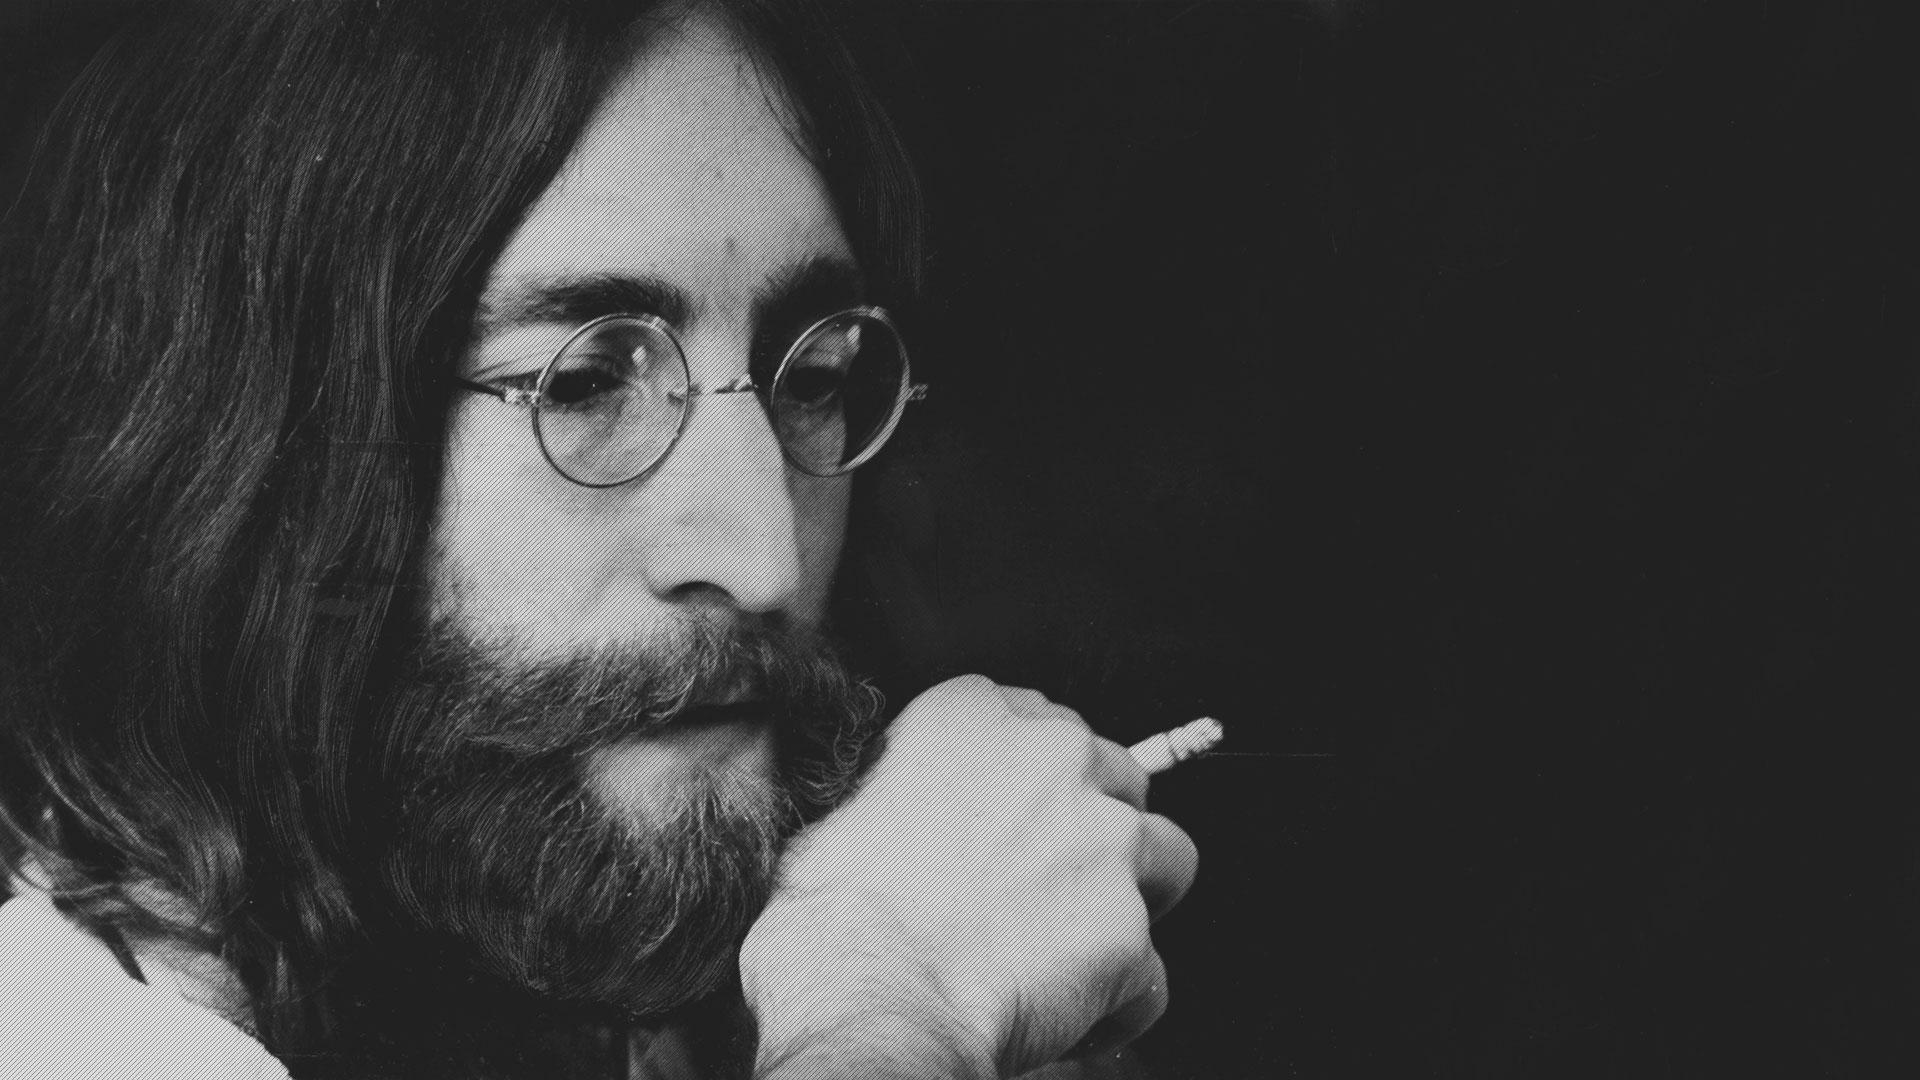 John Lennon Wallpaper and Background